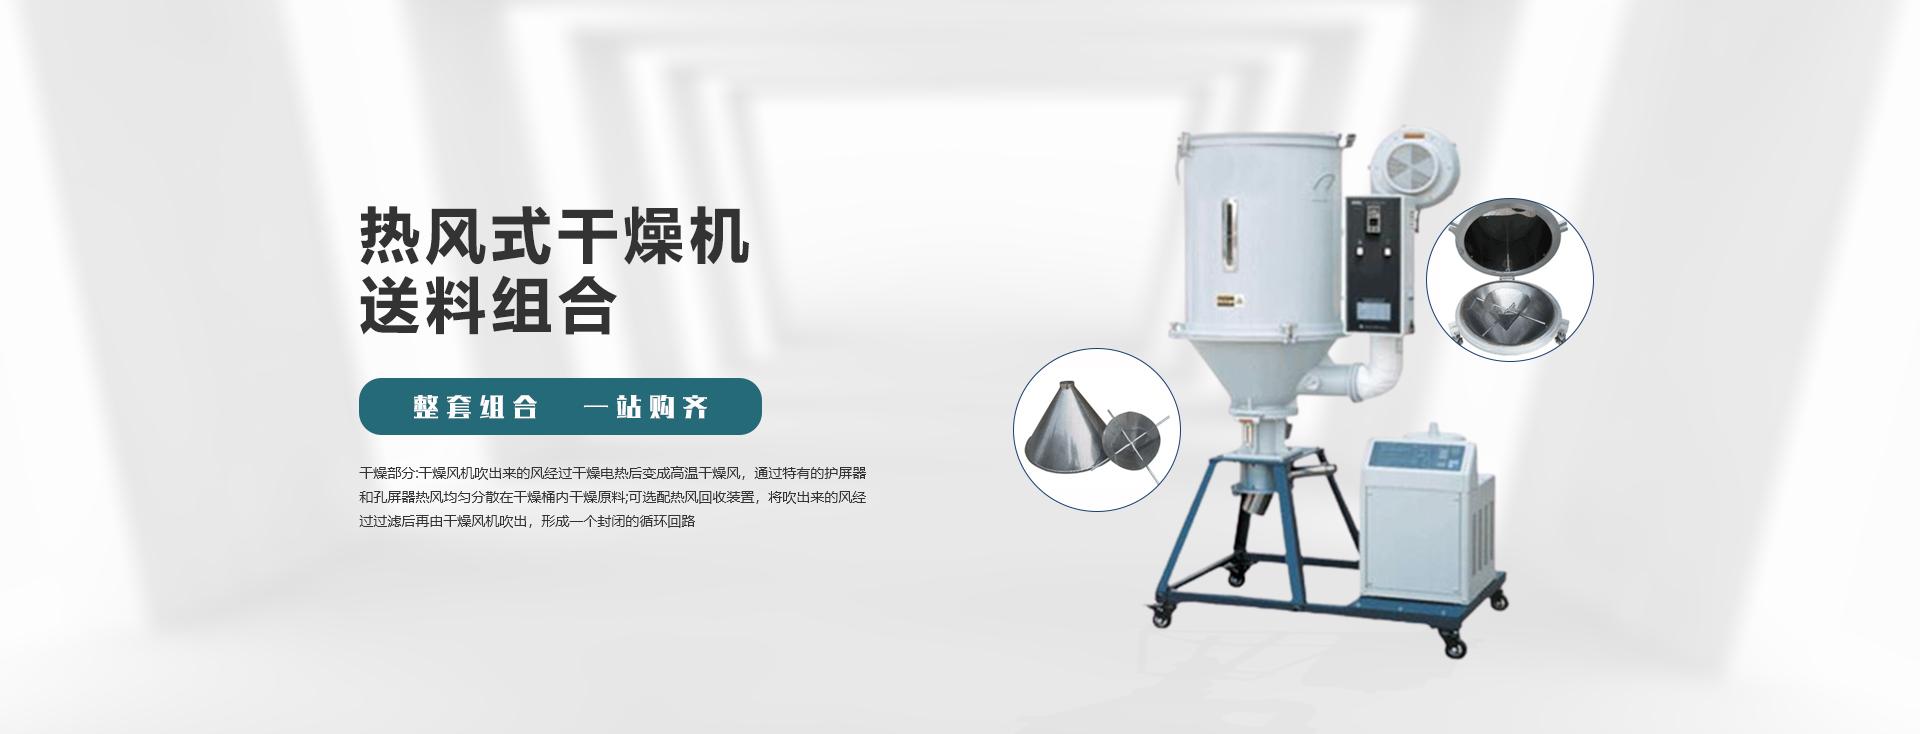 干燥机配件厂家,上海干燥机厂家,箱式干燥机厂家,塑料干燥机厂家,除湿干燥机厂家